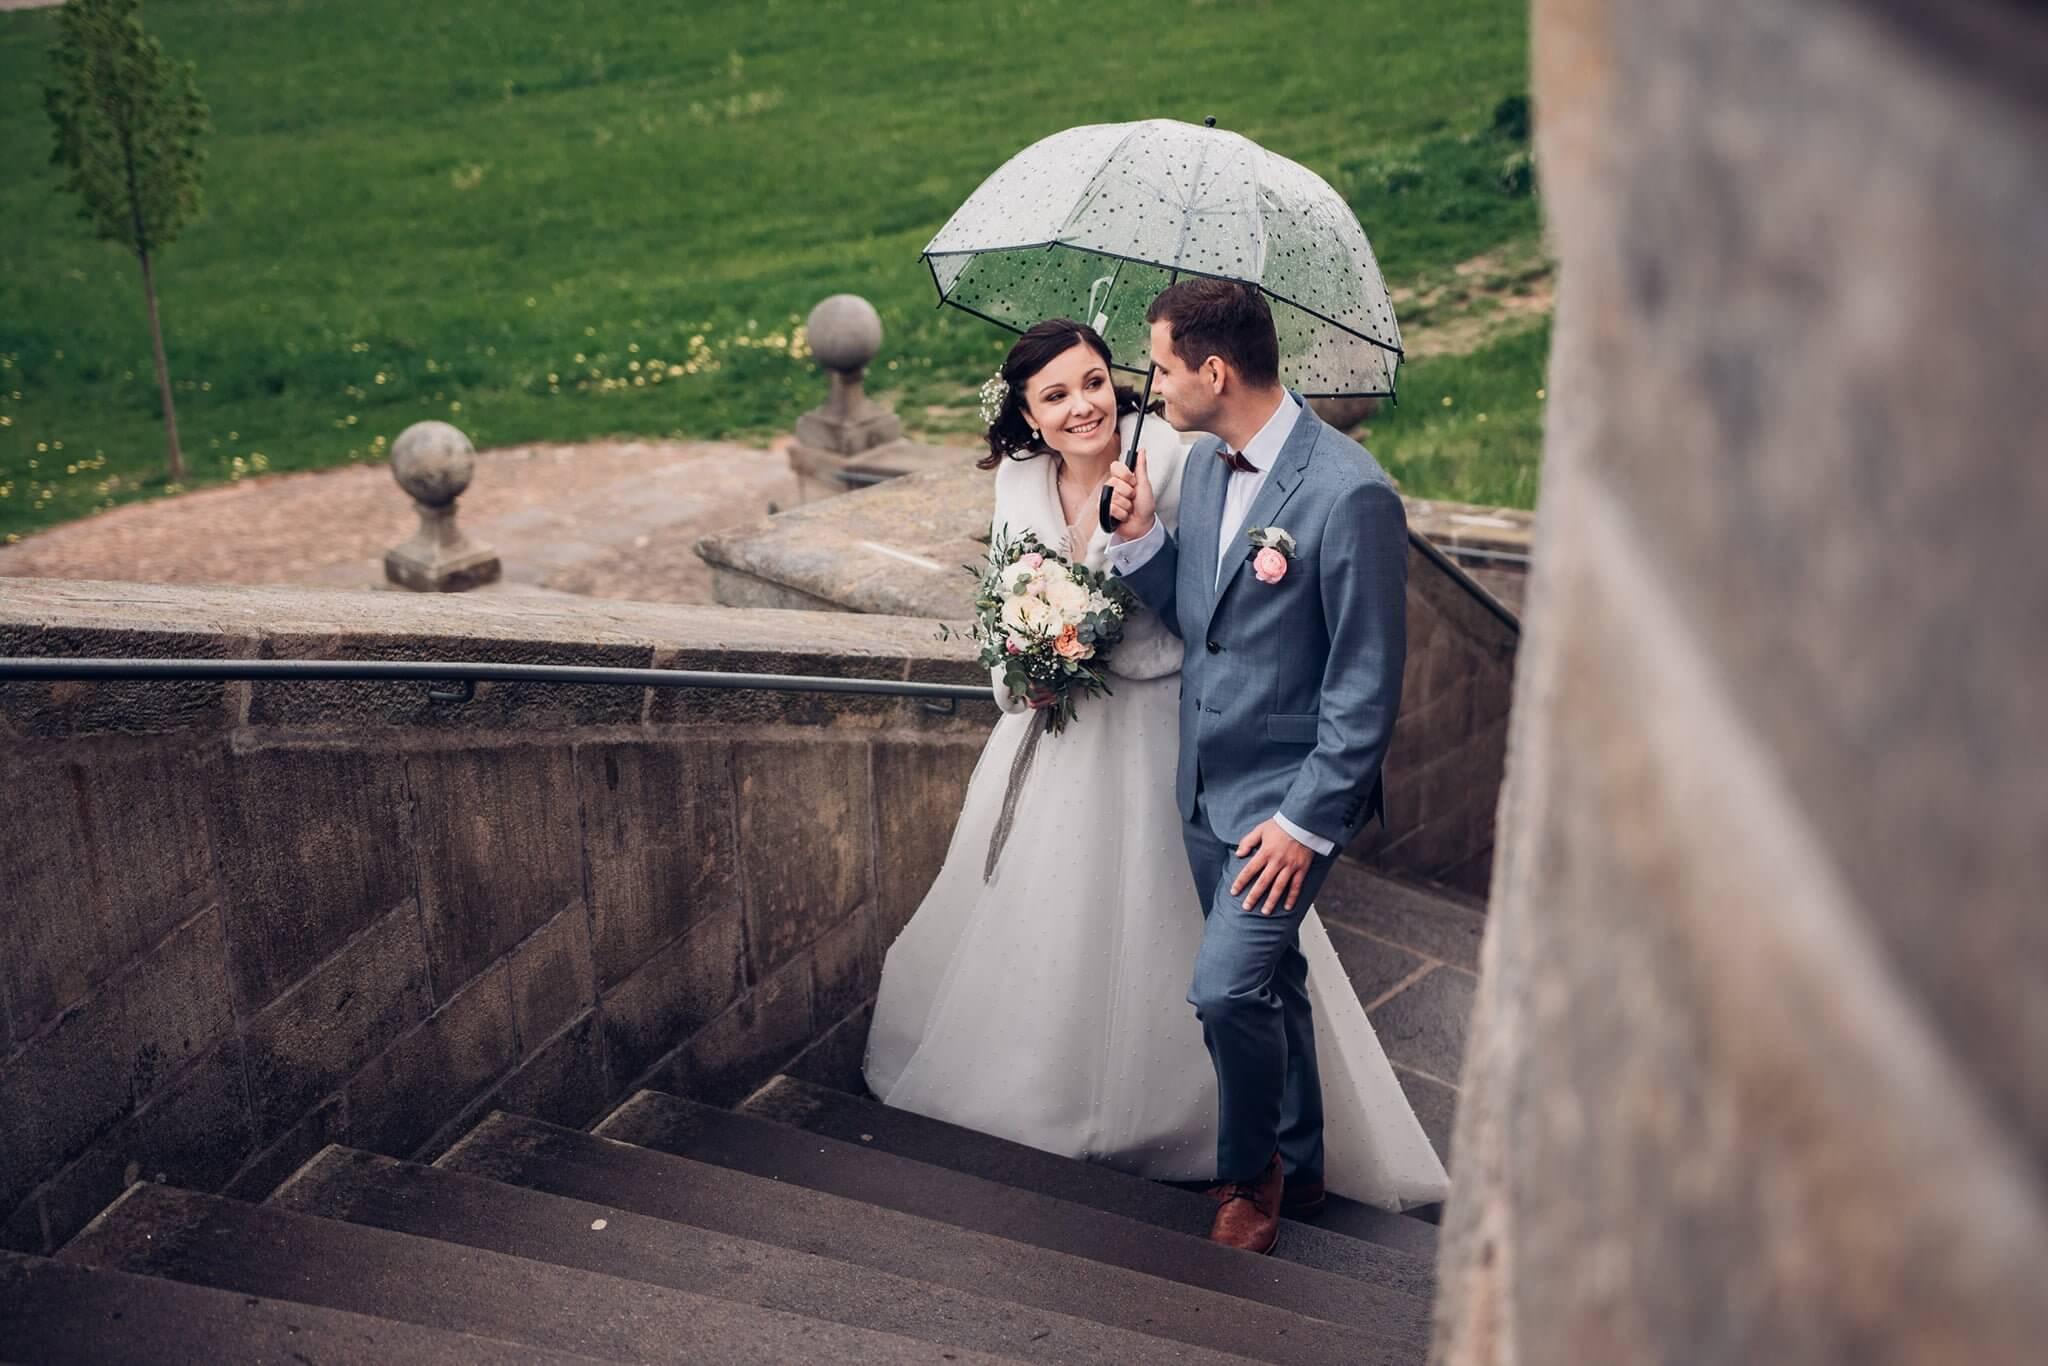 svatba, svatební fotograf, kuks, svatební fotograf kuks, svatební foto z kuksu, svatby na kuksu